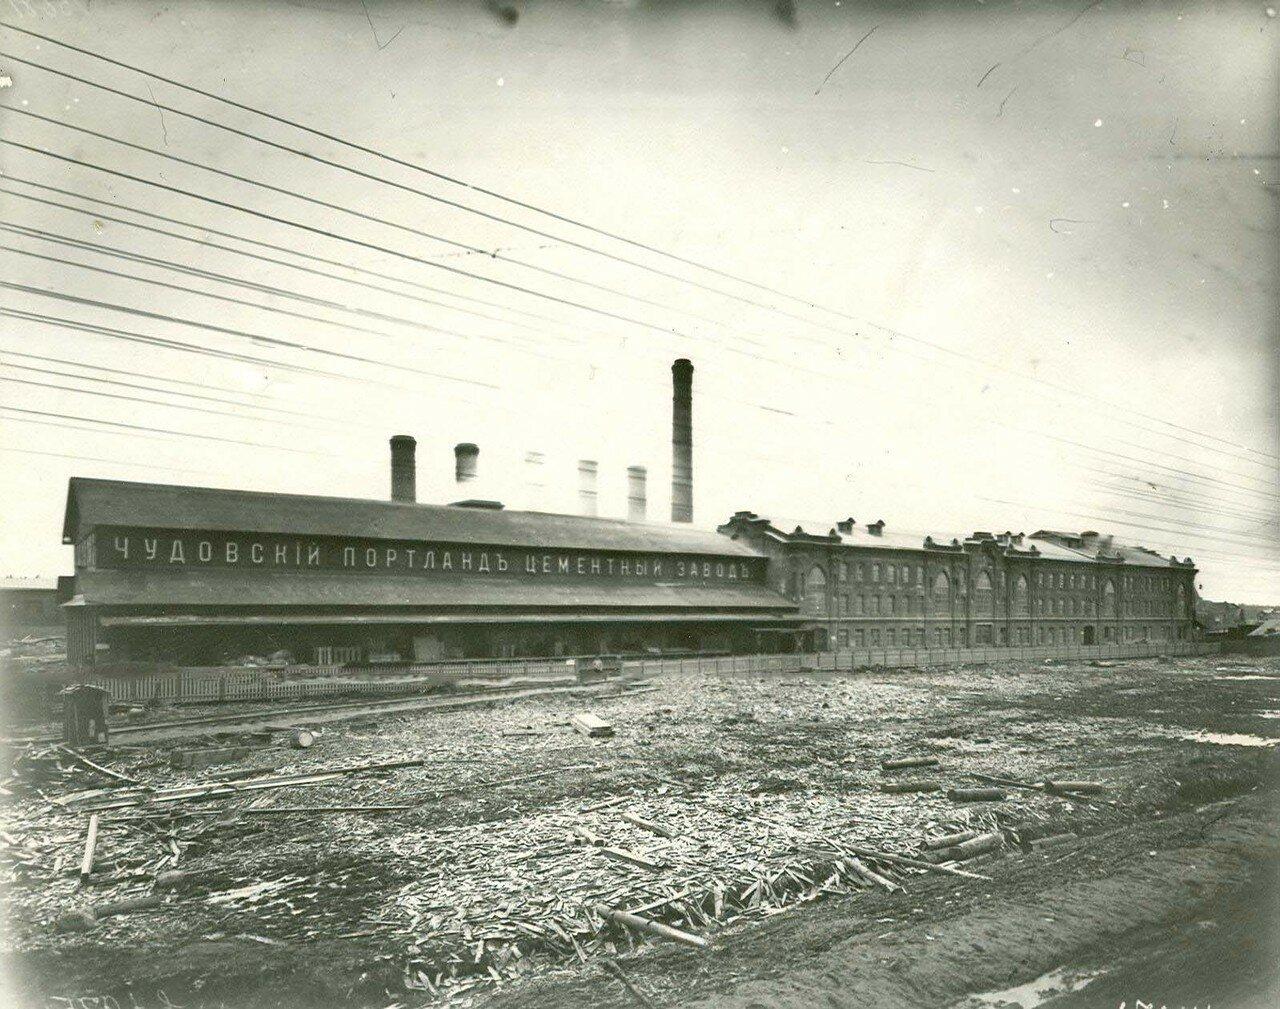 02. Внешний вид зданий завода